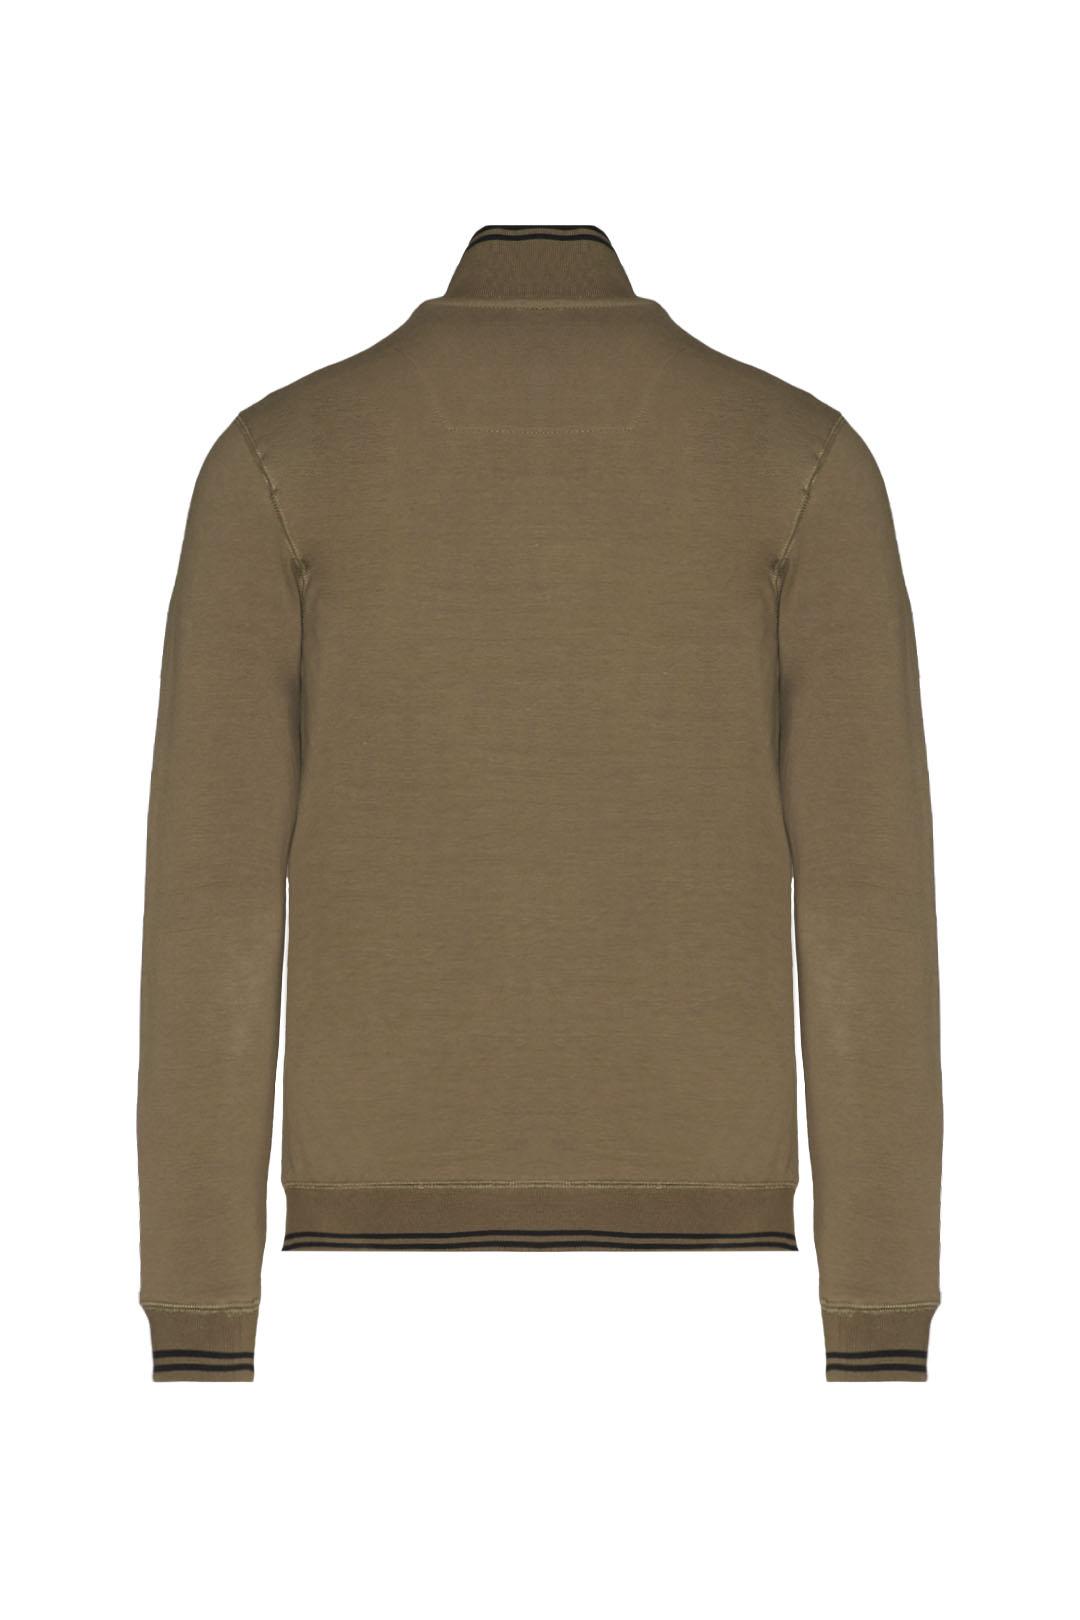 Iconic Frecce Tricolori sweatshirt       2